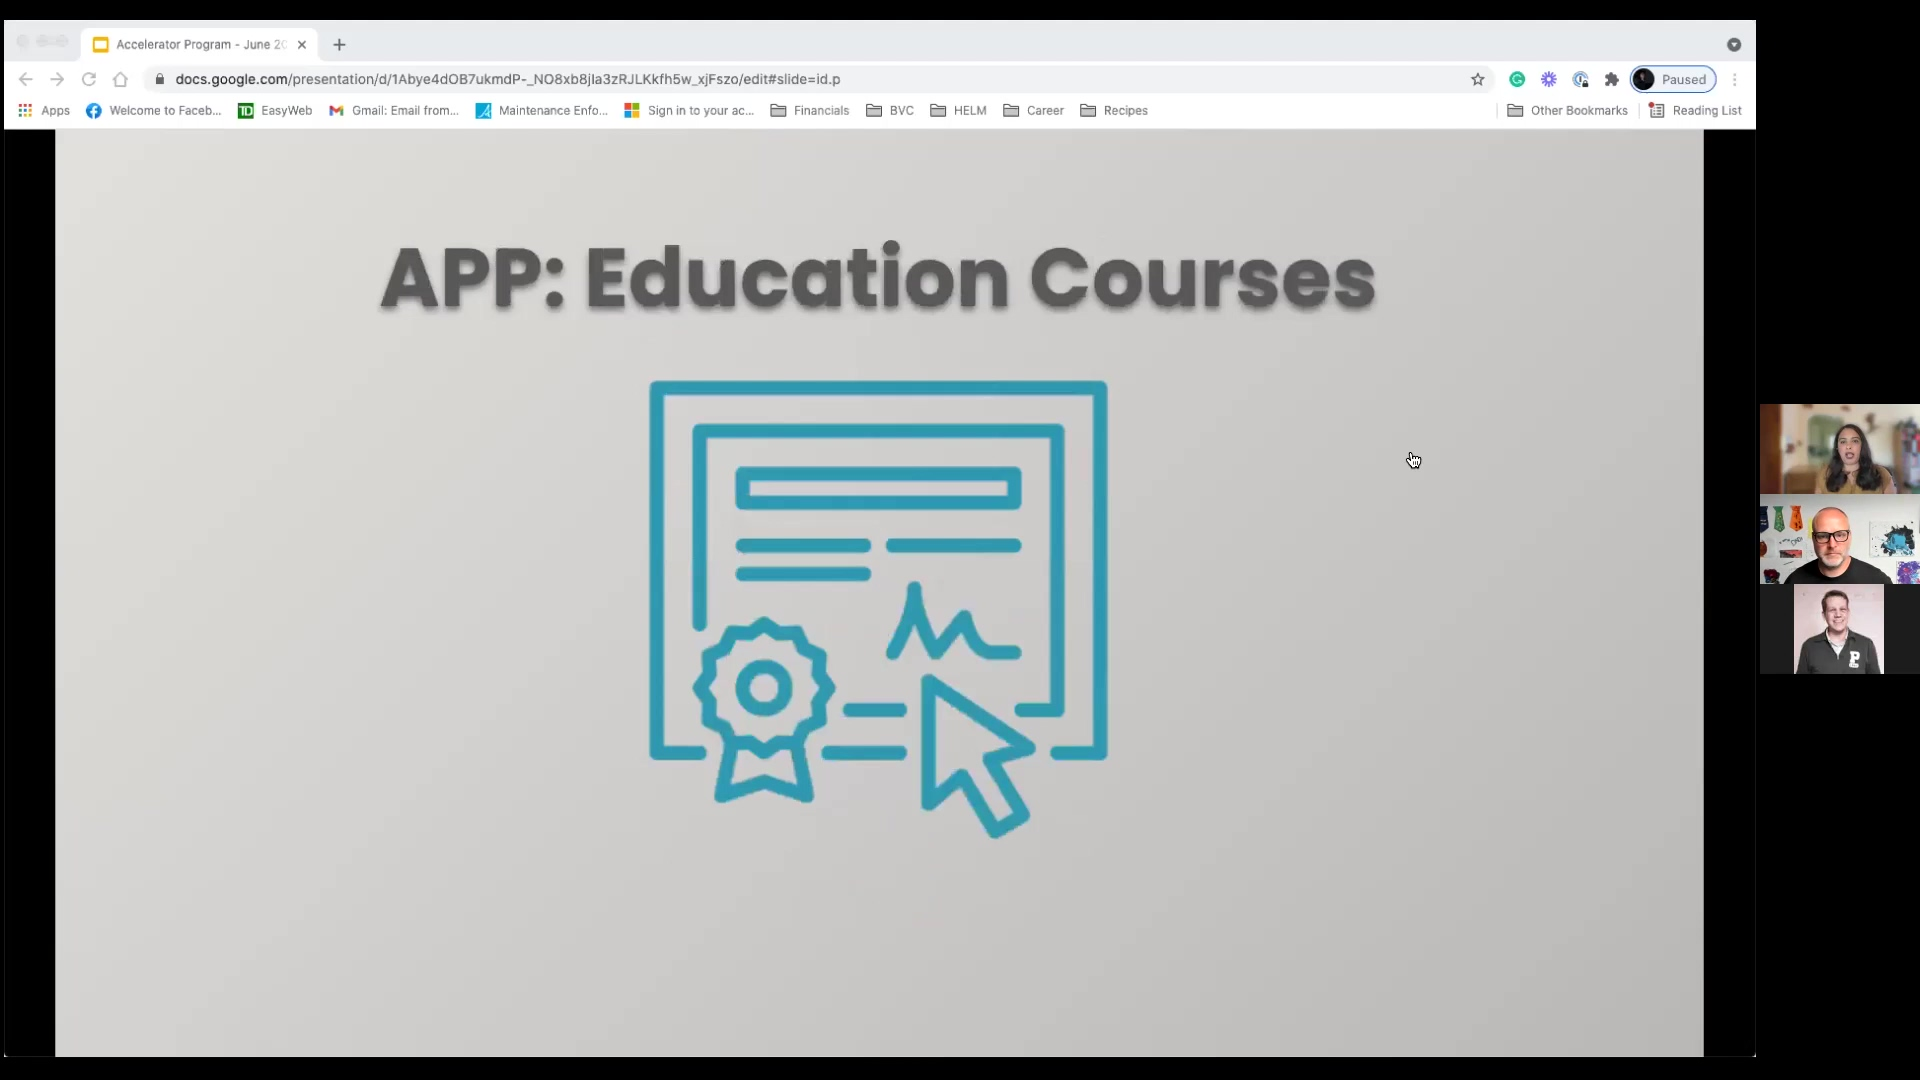 APP - June 2021 - APP Education